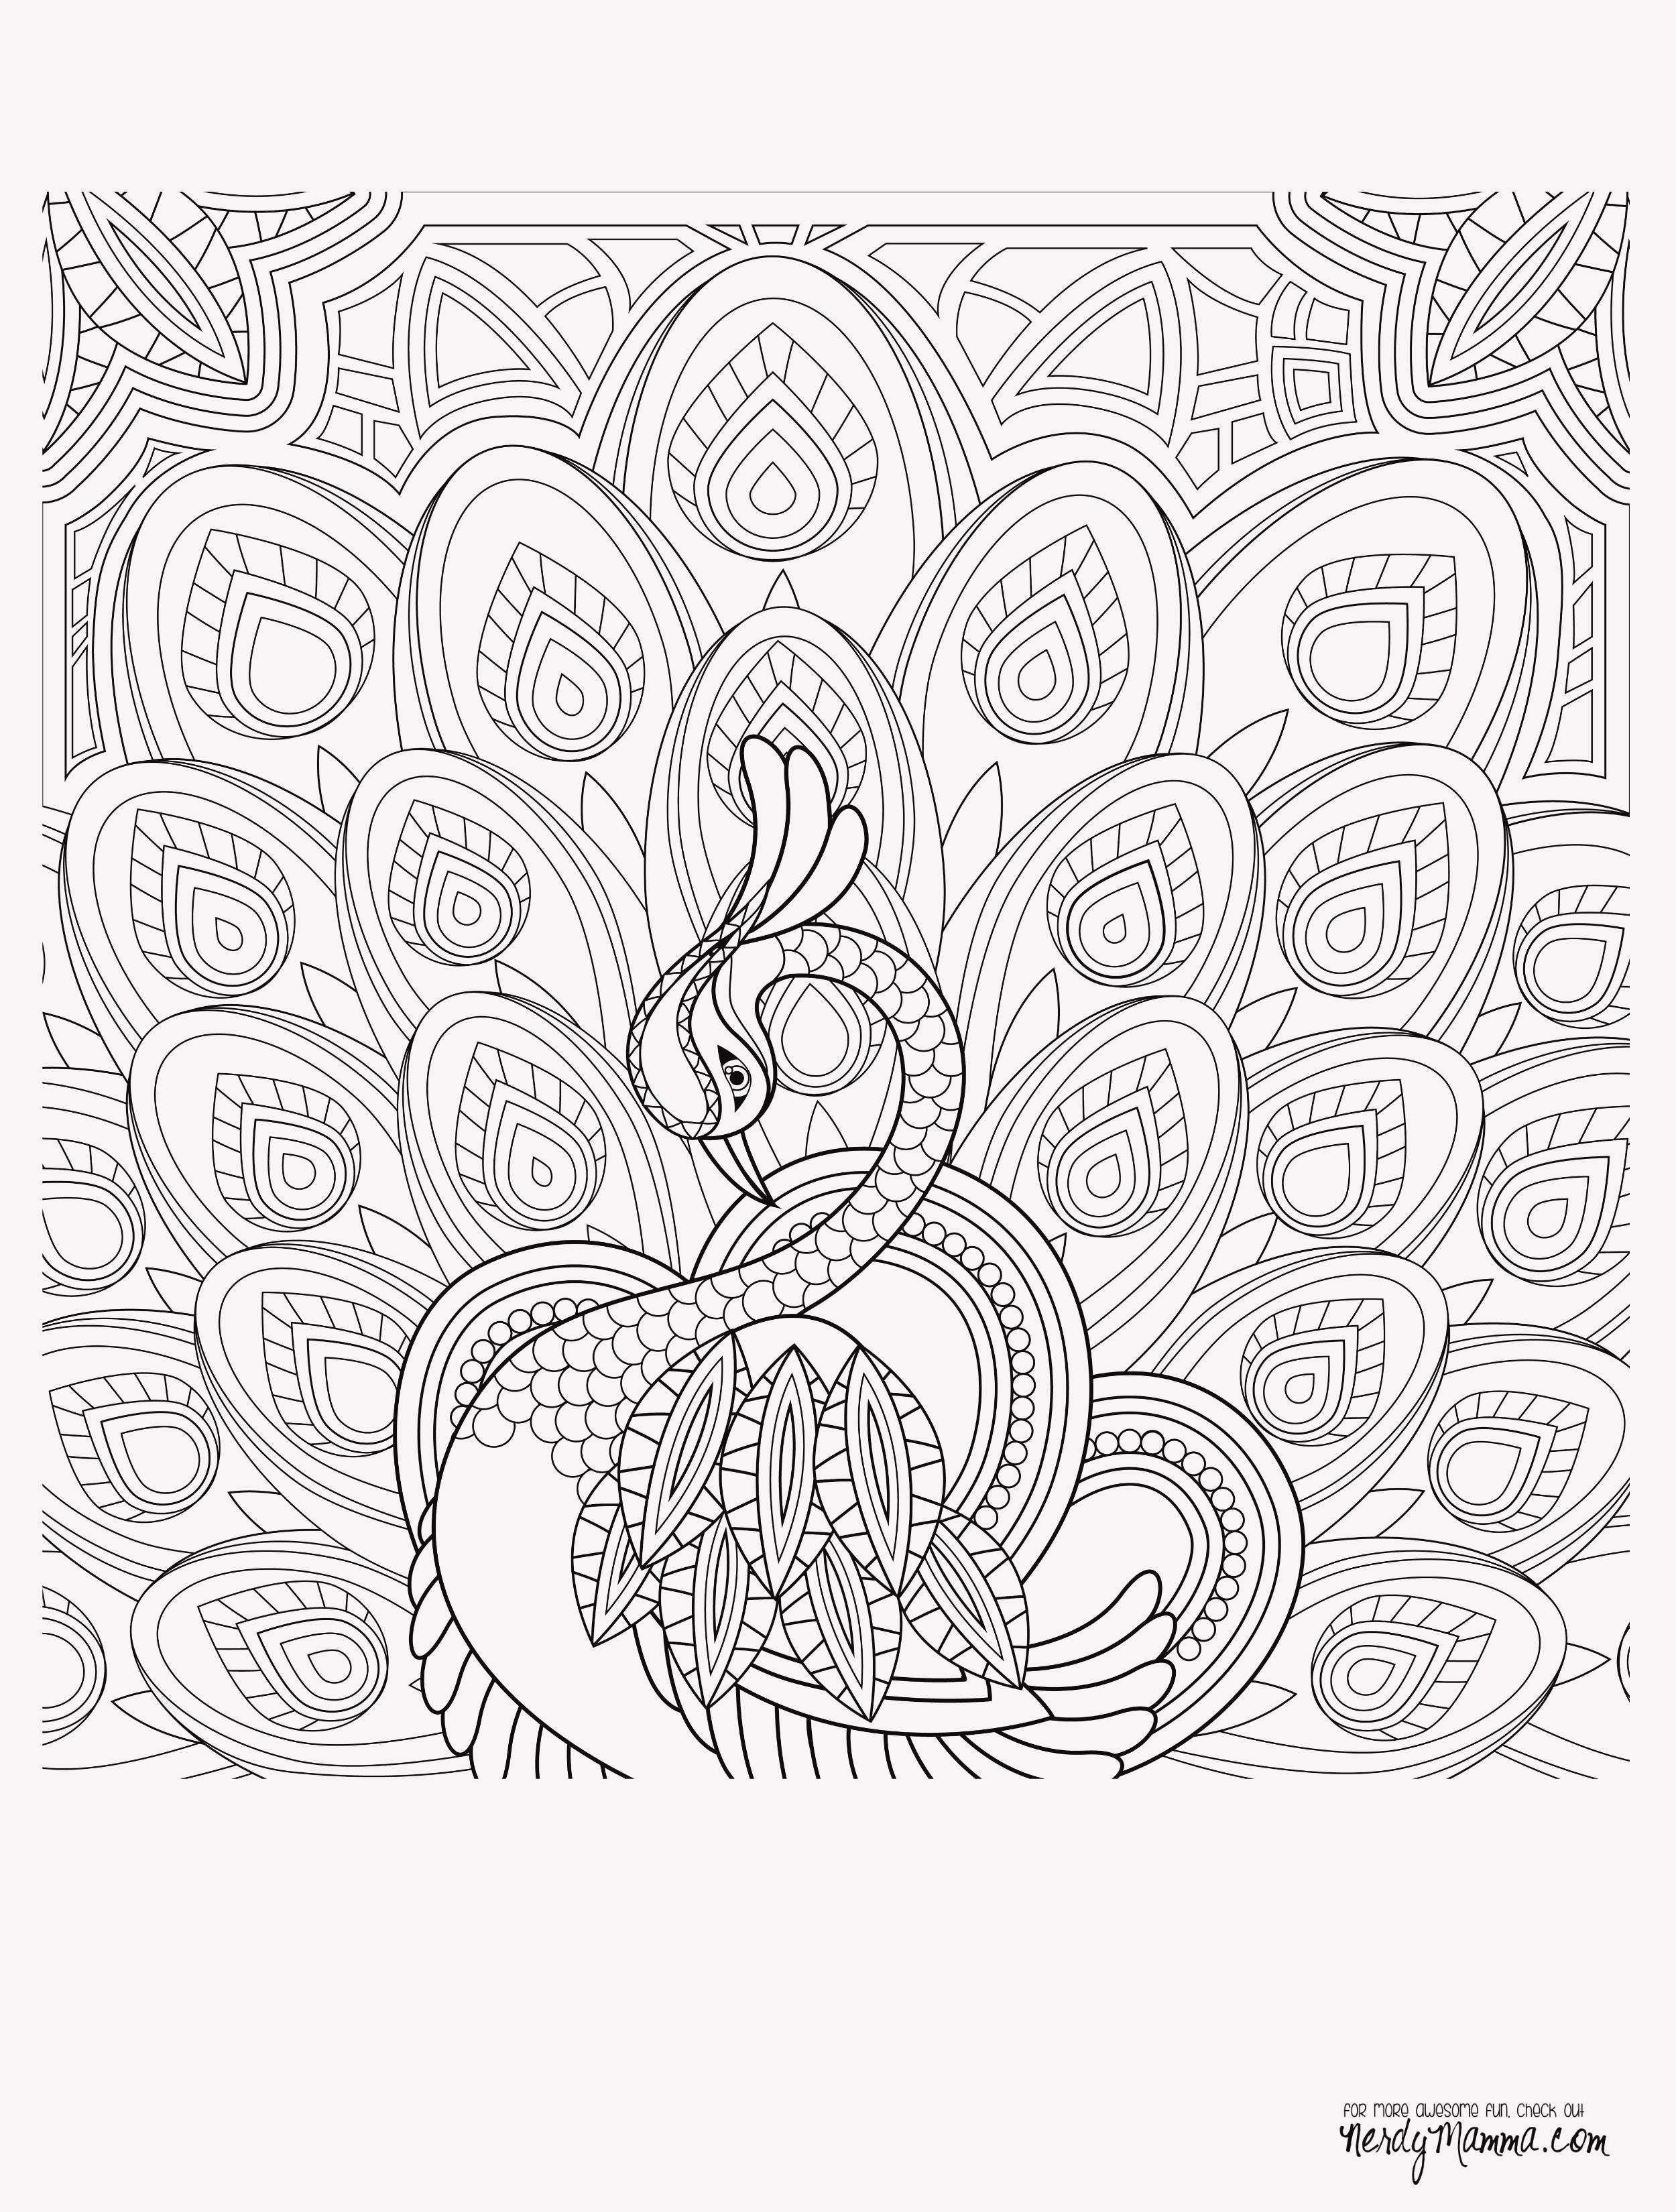 61 Neu Erdbeerinchen Erdbeerfee Ausmalbilder Erdbeerinchen Erdbeerfee Ausmalbilder 61 Neu Erdbeerinch Ausmalbilder Kostenlose Ausmalbilder Mandala Ausmalen